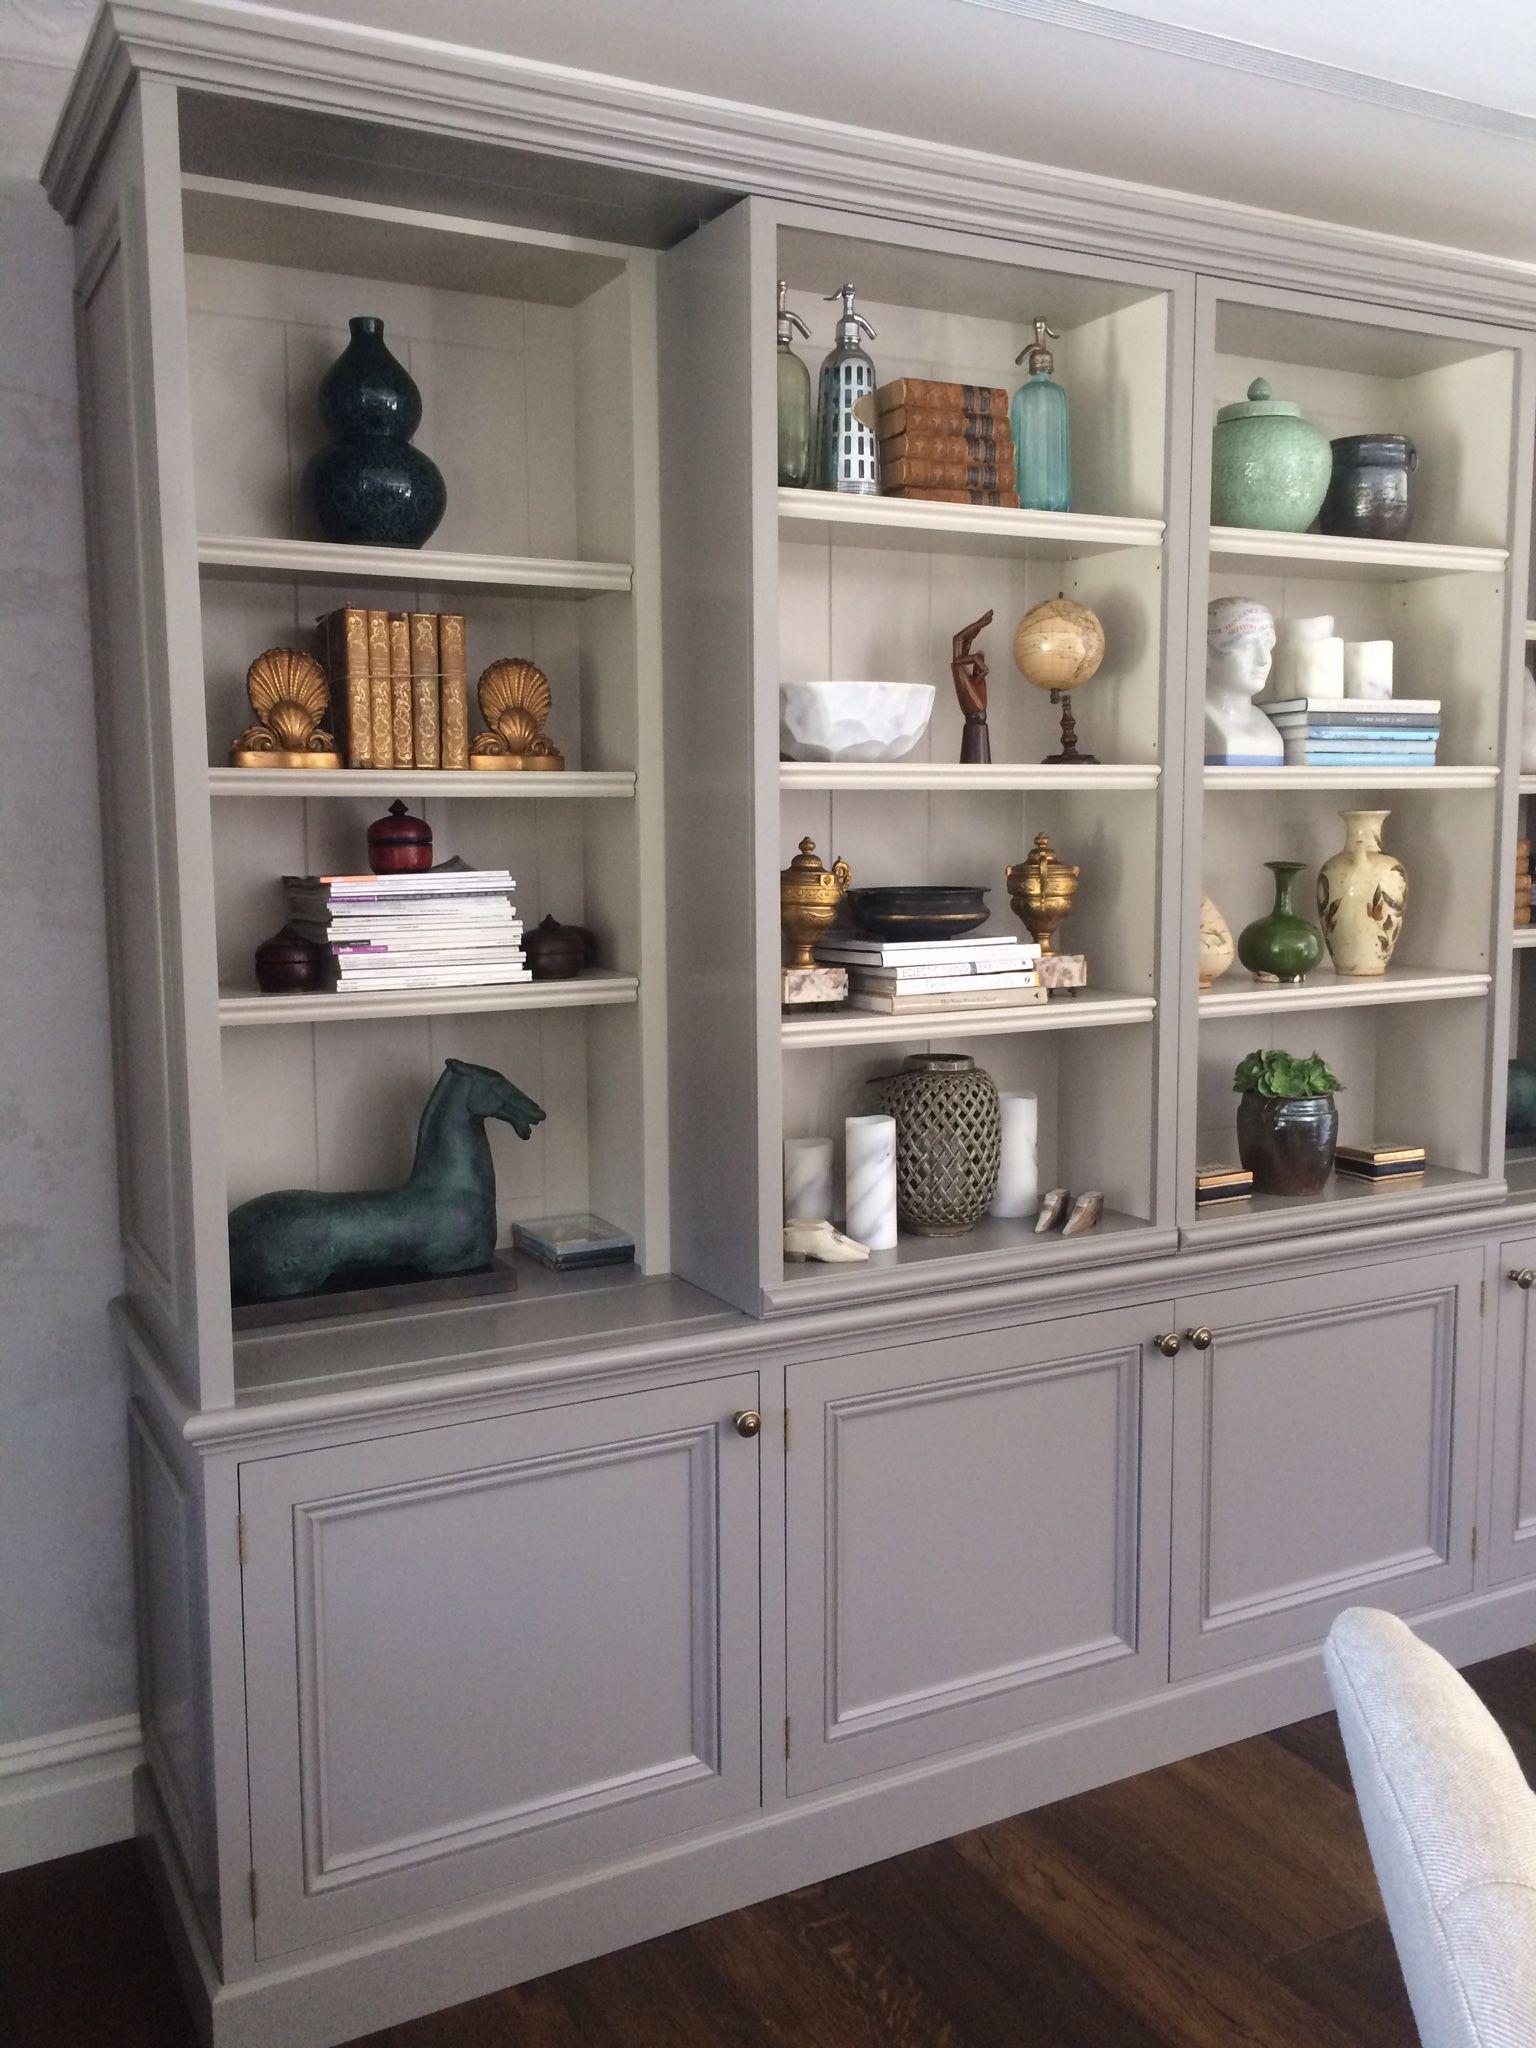 Idea By Helene Nel On Boekwurm Boekrakke Living Room Built In